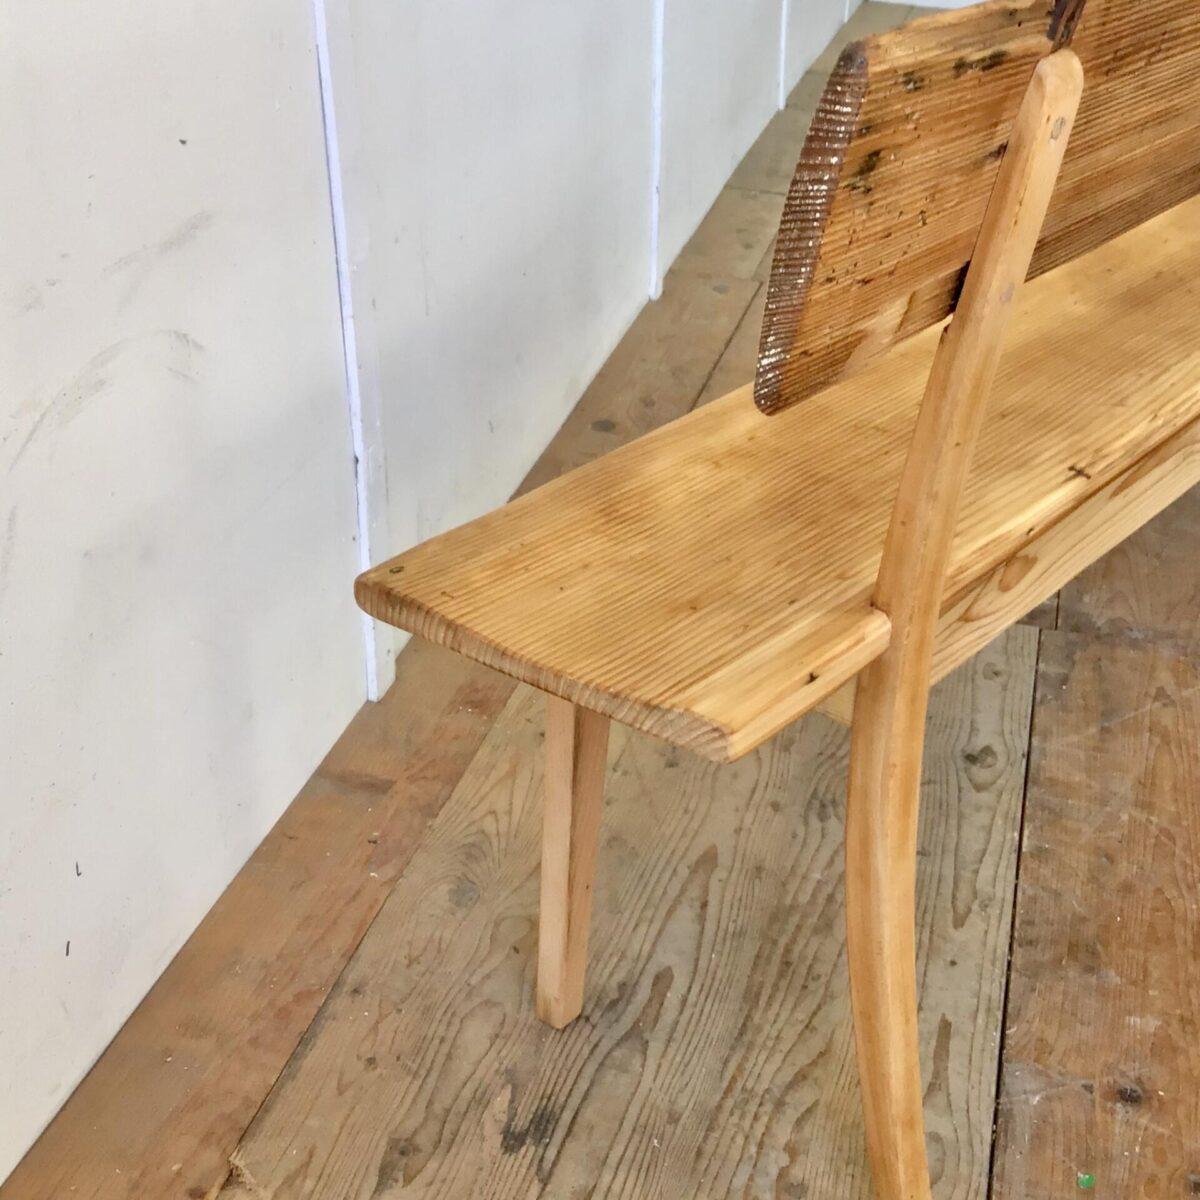 """Sitzbank mit Rückenlehne 205cm Sitzhöhe 44.5cm Sitztiefe 28cm gesamt Höhe 79cm. Diese Bank haben wir aus einem alten Fenstersims, mit Kondenswasser Mulde, geschreinert. Da die etwas geringe Sitztiefe von 28cm gegeben war, wurde der Rest der Bank in ähnlich filigraner Weise ausgeführt. Passend zu der alten Sitzfläche haben wir eine Rückenlehne, aus Altholz, geformt. Auch die restlichen Teile haben wir im Sinne von """"Restenverwertung"""" aus aussortierten Möbeln genommen. Es Sitzt sich zwar relativ aufrecht, aber doch ergonomisch. Ideal auch für die Kinderbank am Familientisch. Als Feierabend bänkli in der passenden Laube, oder für den Eingangsbereich."""